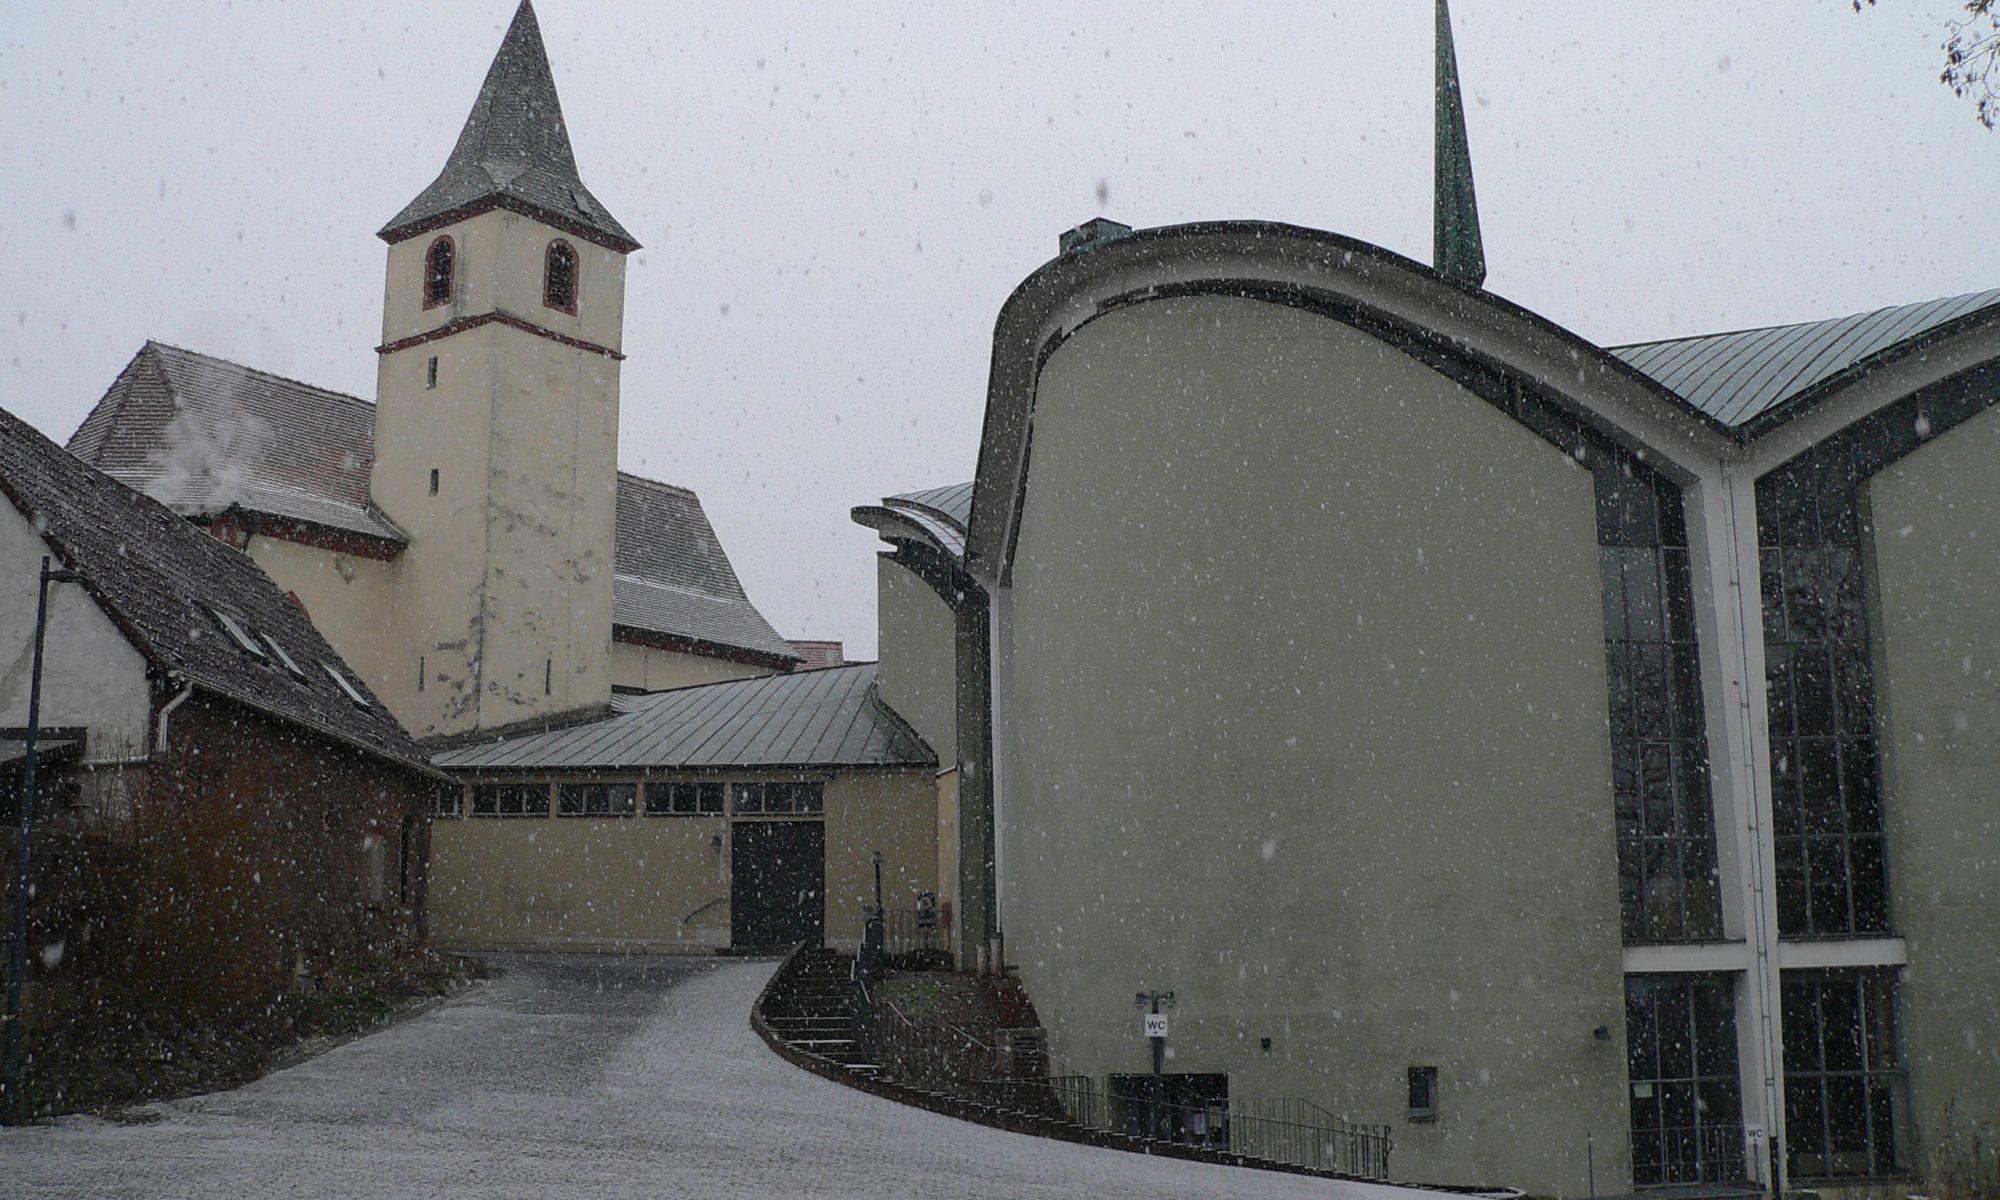 Schneegestöber an der Wallfahrtskirche von Kälberau zeugt davon, dass die Kirchenpatronin zur Recht Maria zum rauen Wind genannt wird. | Foto: B. Schneider